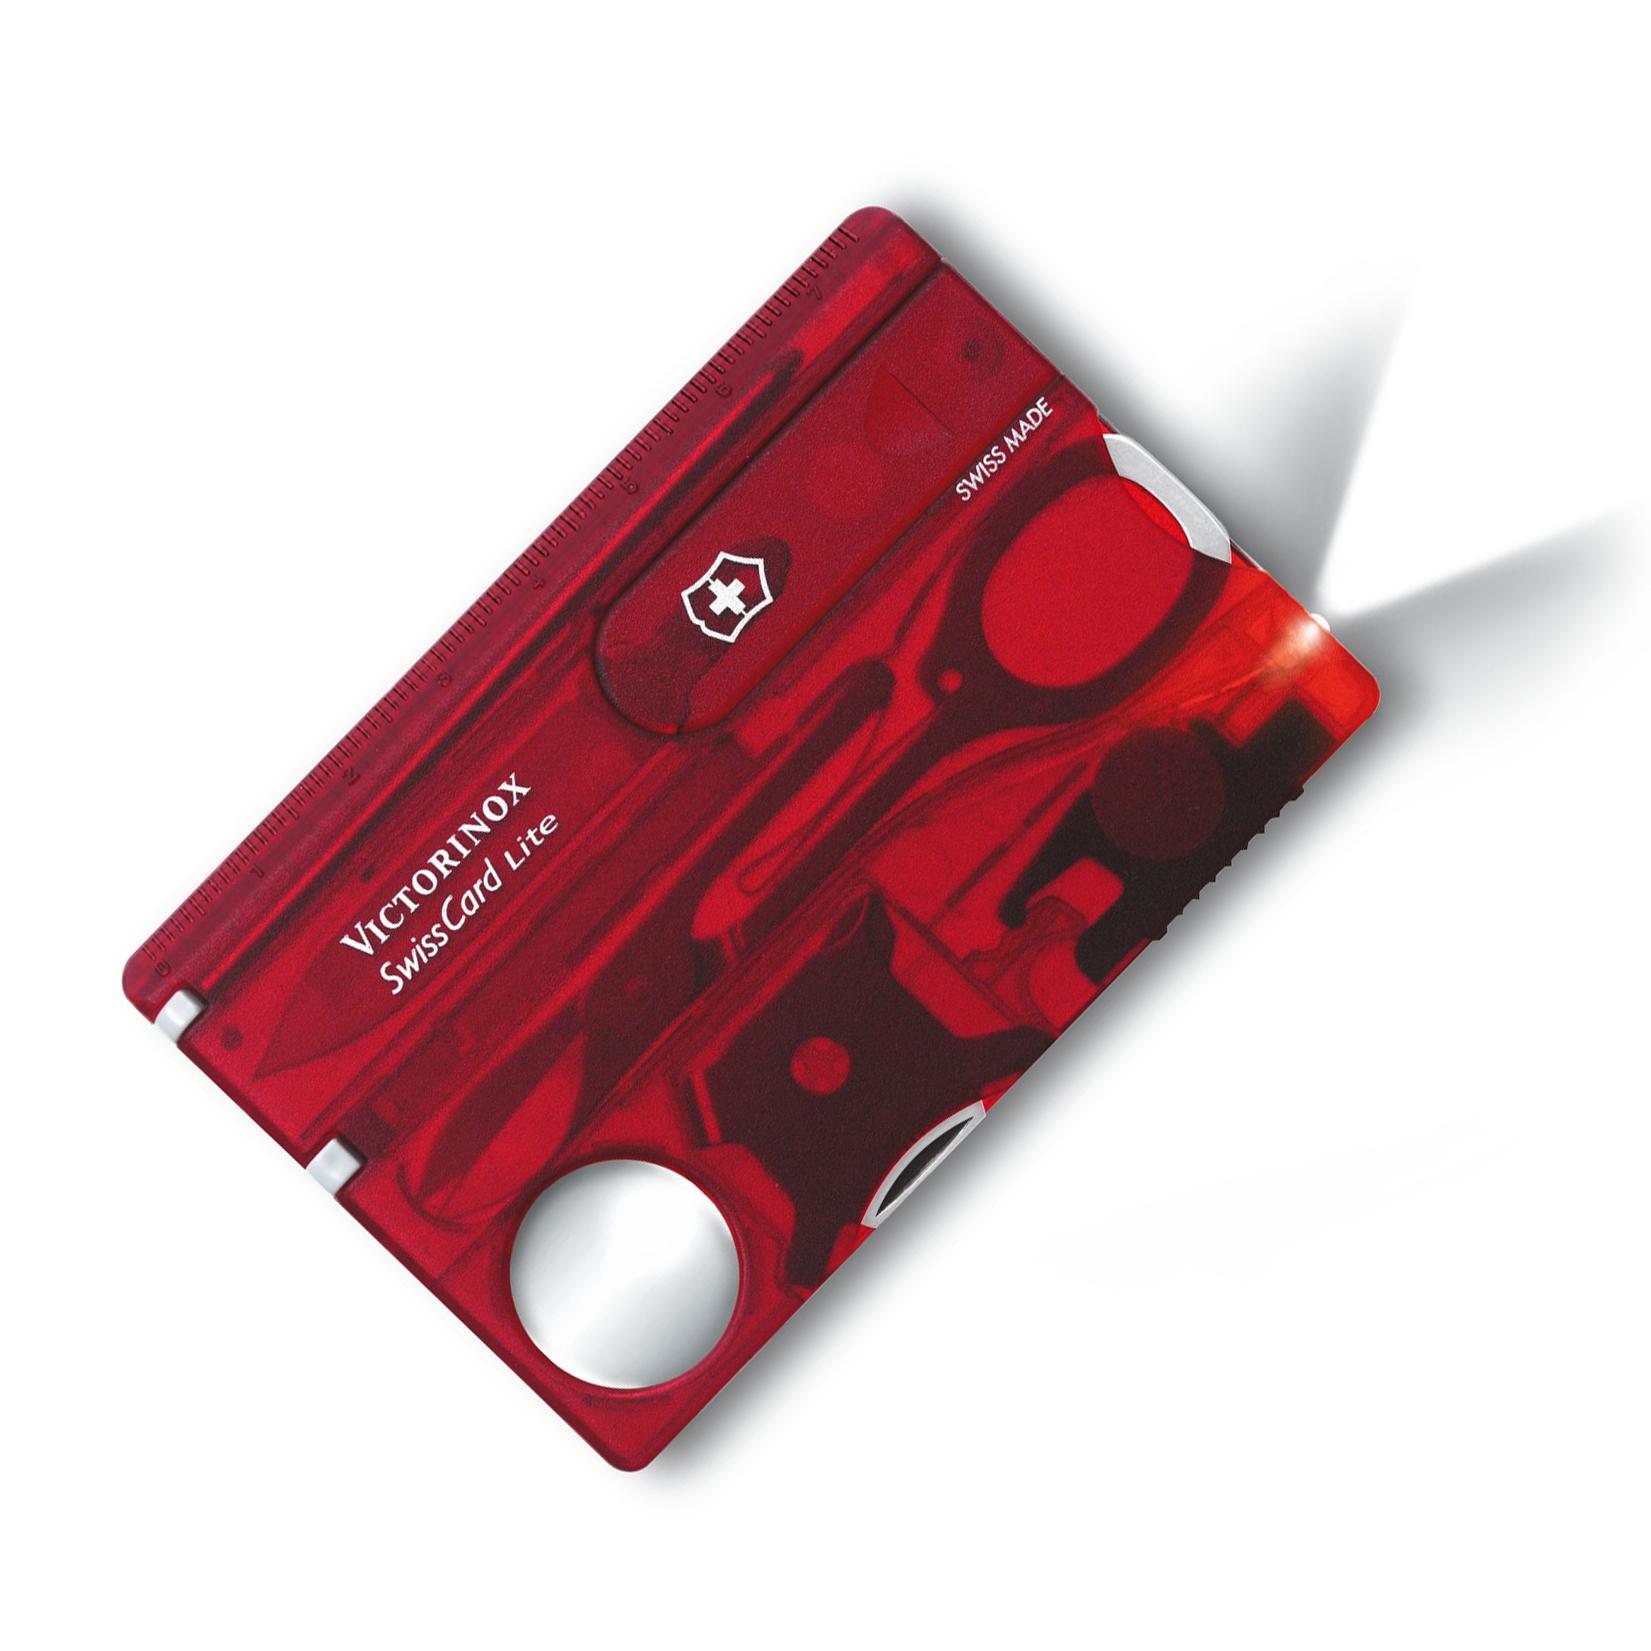 Швейцарская карта Victorinox SwissCard Lite, сталь X50CrMoV15, рукоять ABS-пластик, полупрозрачный красный, блистер